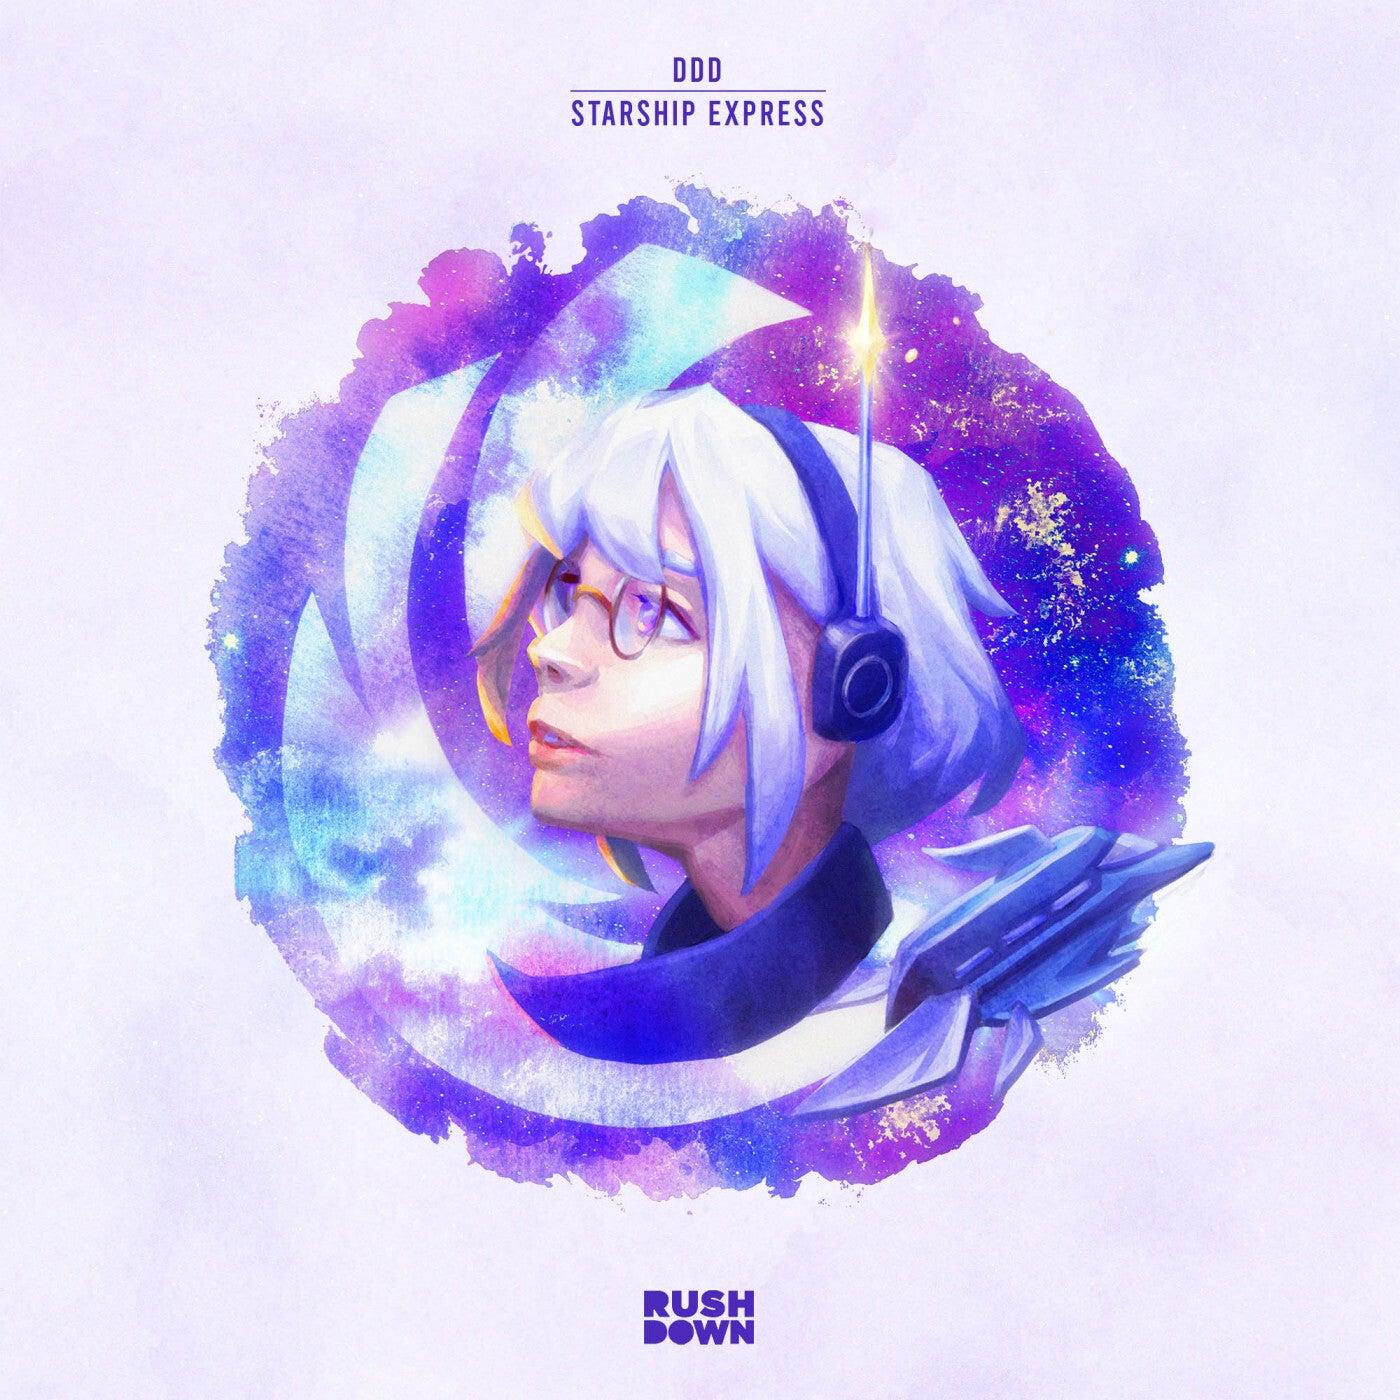 Starship Express (Original Mix)